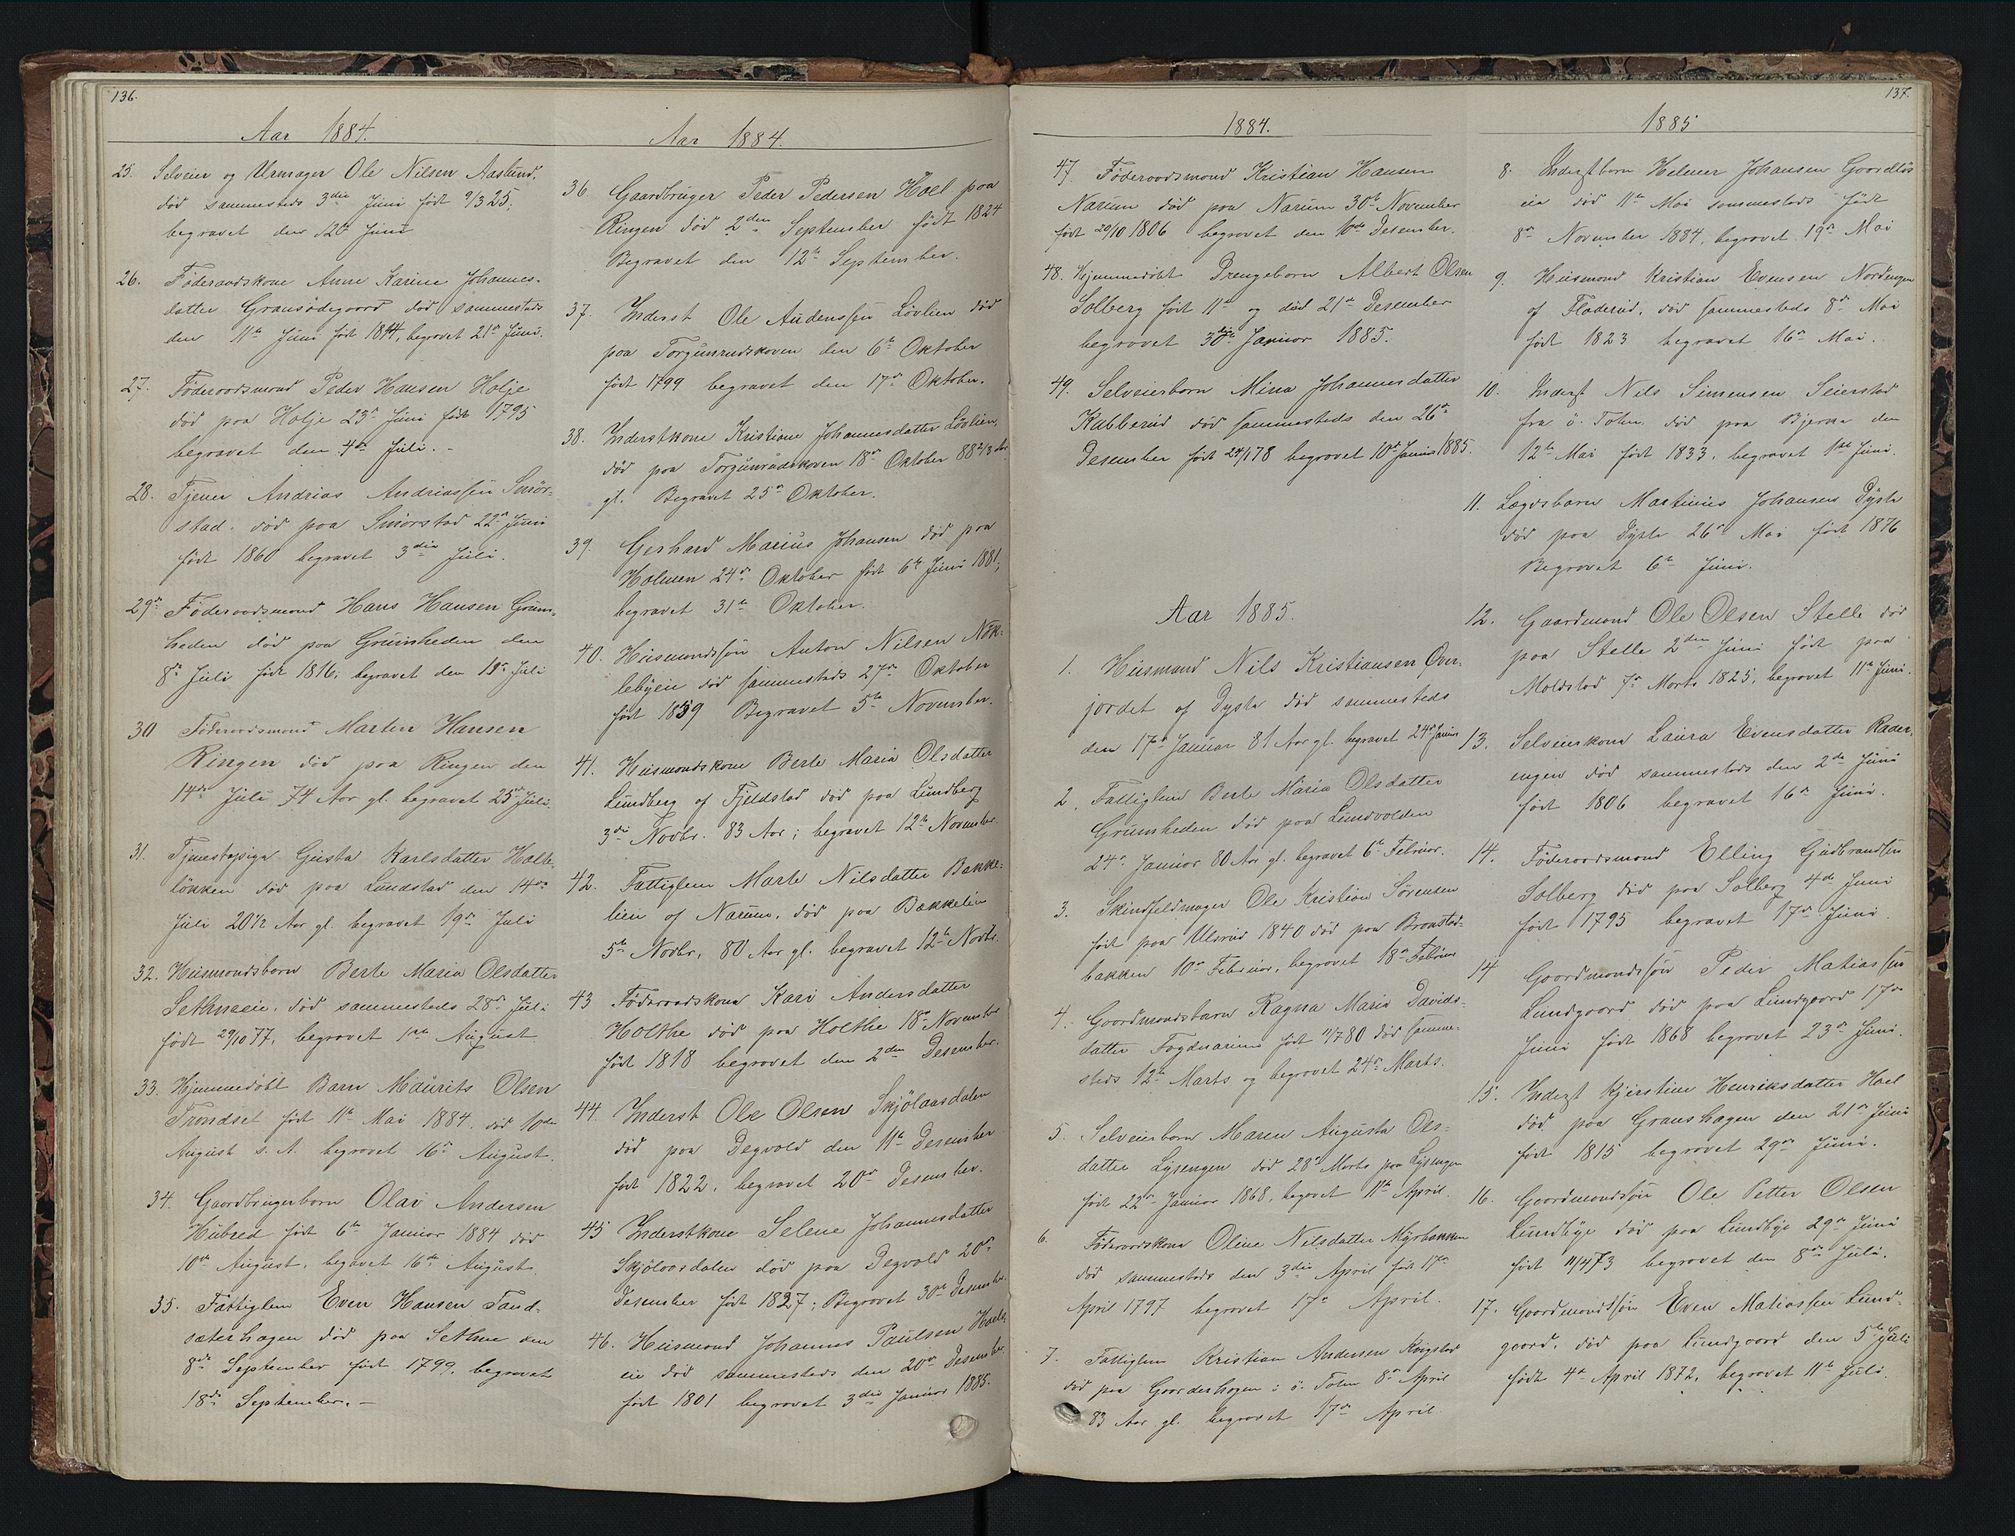 SAH, Vestre Toten prestekontor, H/Ha/Hab/L0007: Klokkerbok nr. 7, 1872-1900, s. 136-137